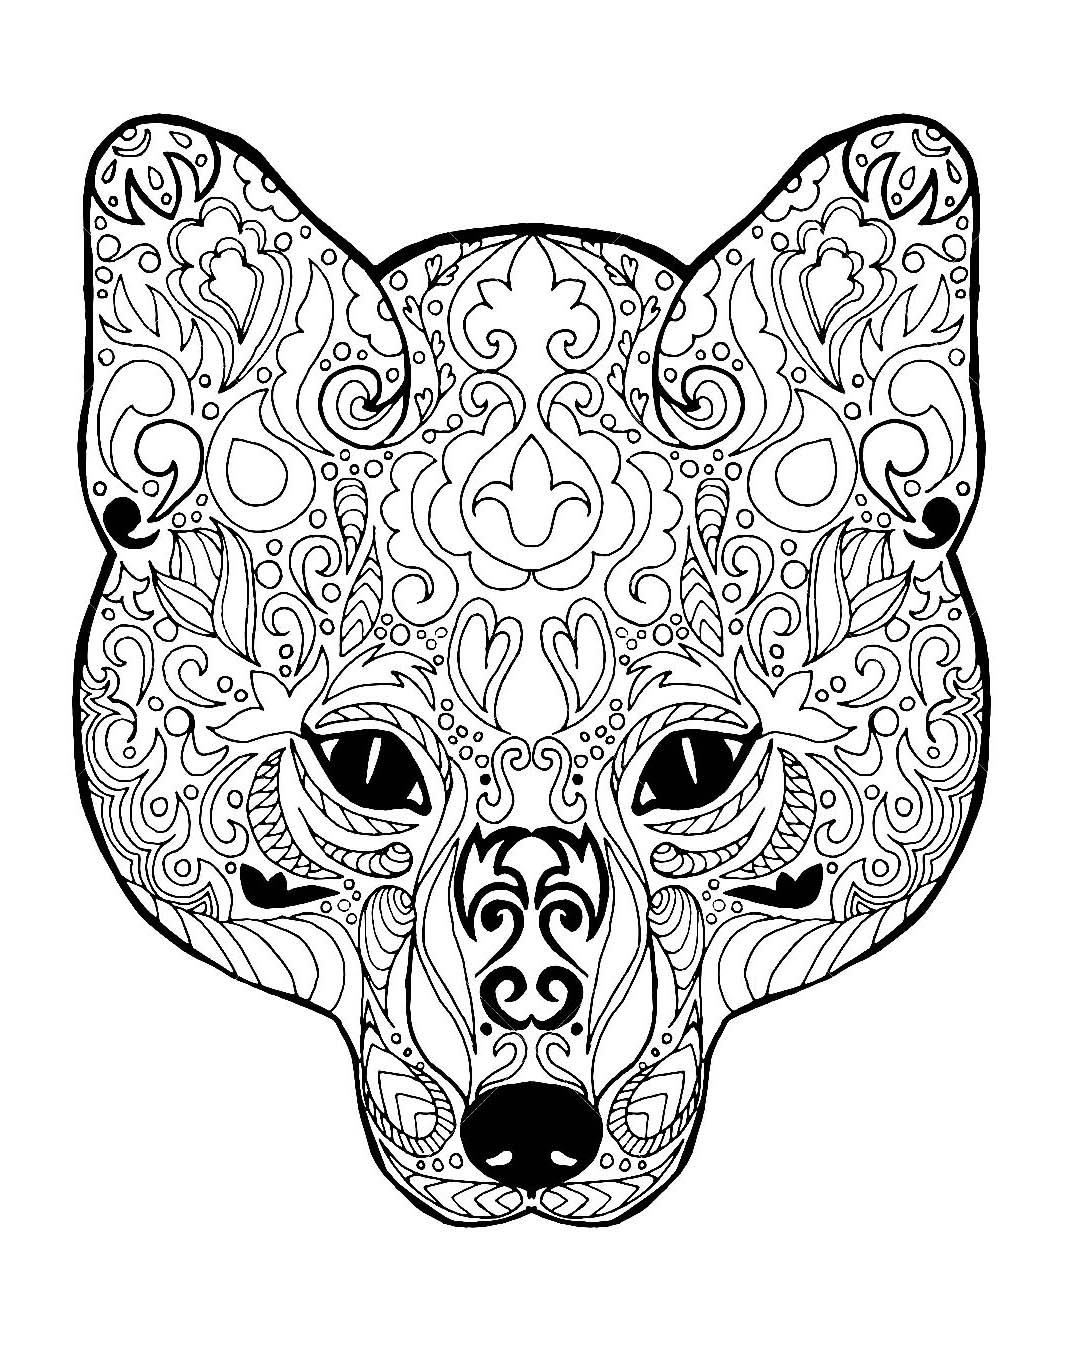 Gratuit tete de renard avec motifs coloriage de renards coloriages pour enfants - Coloriage renard a imprimer gratuit ...